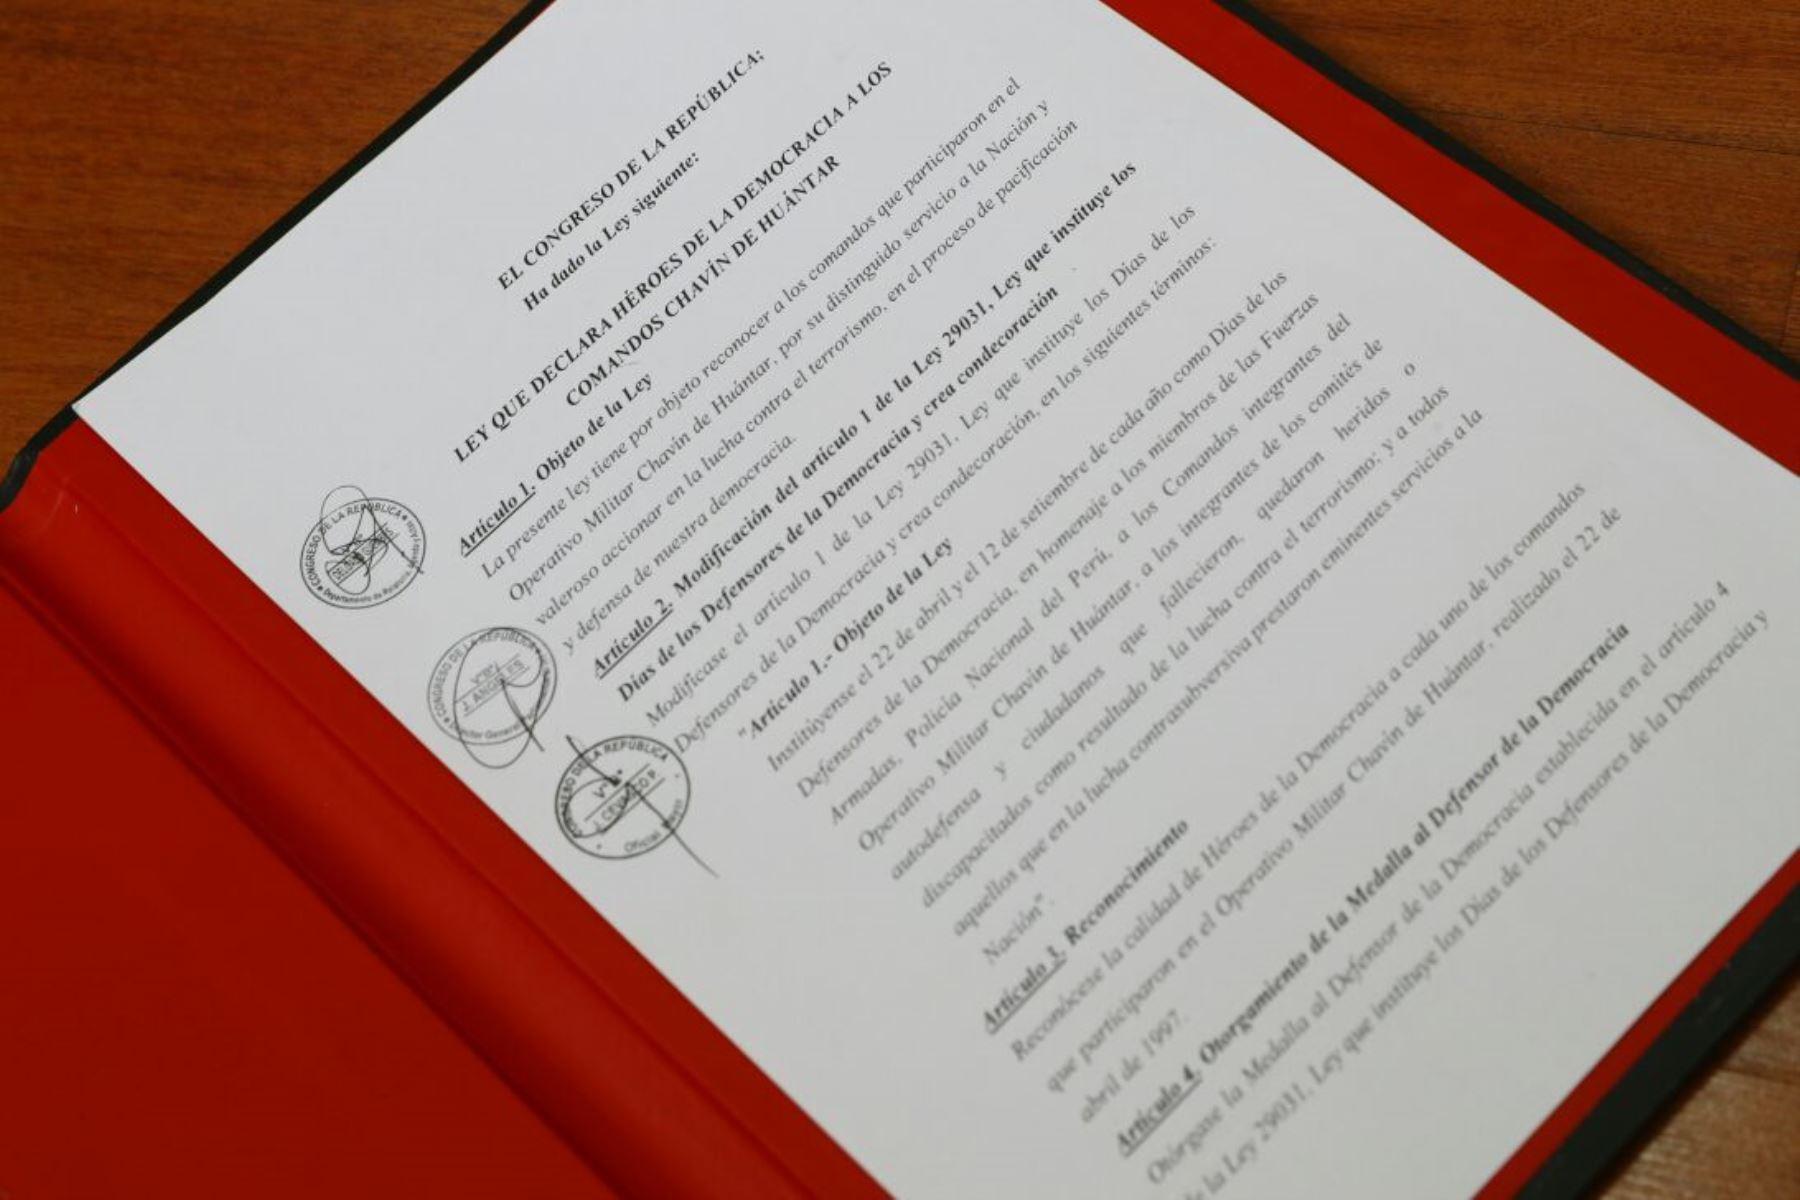 Ley que declara Héroes de la Democracia a los comandos Chavín de Huántar.